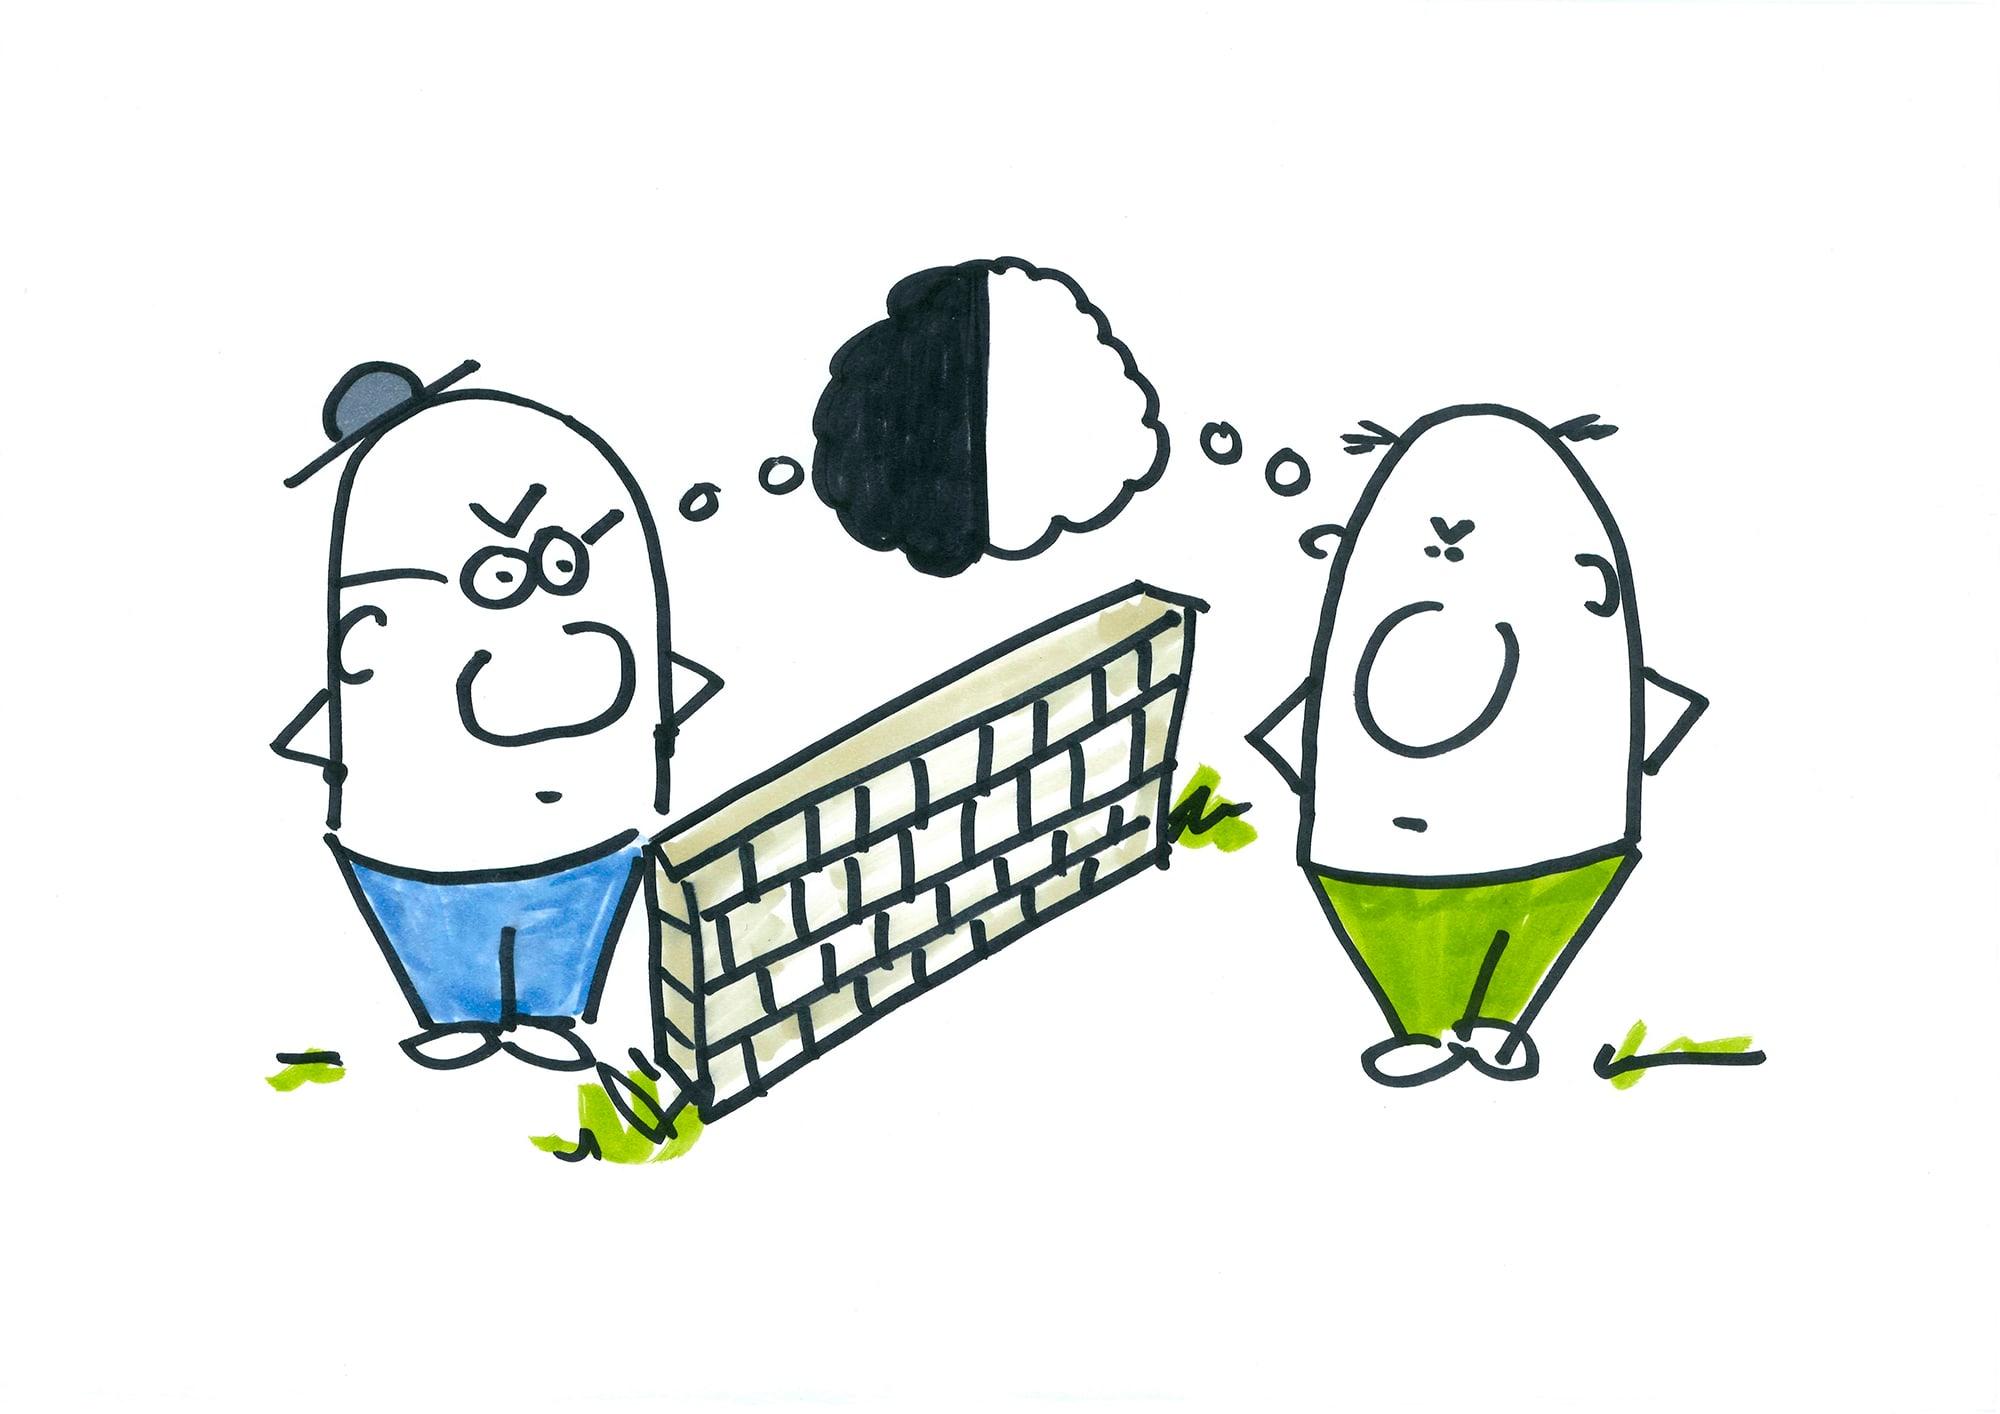 Eierköpfe stehen sich an Grenzmauer gegenüber und denken übereinander nach